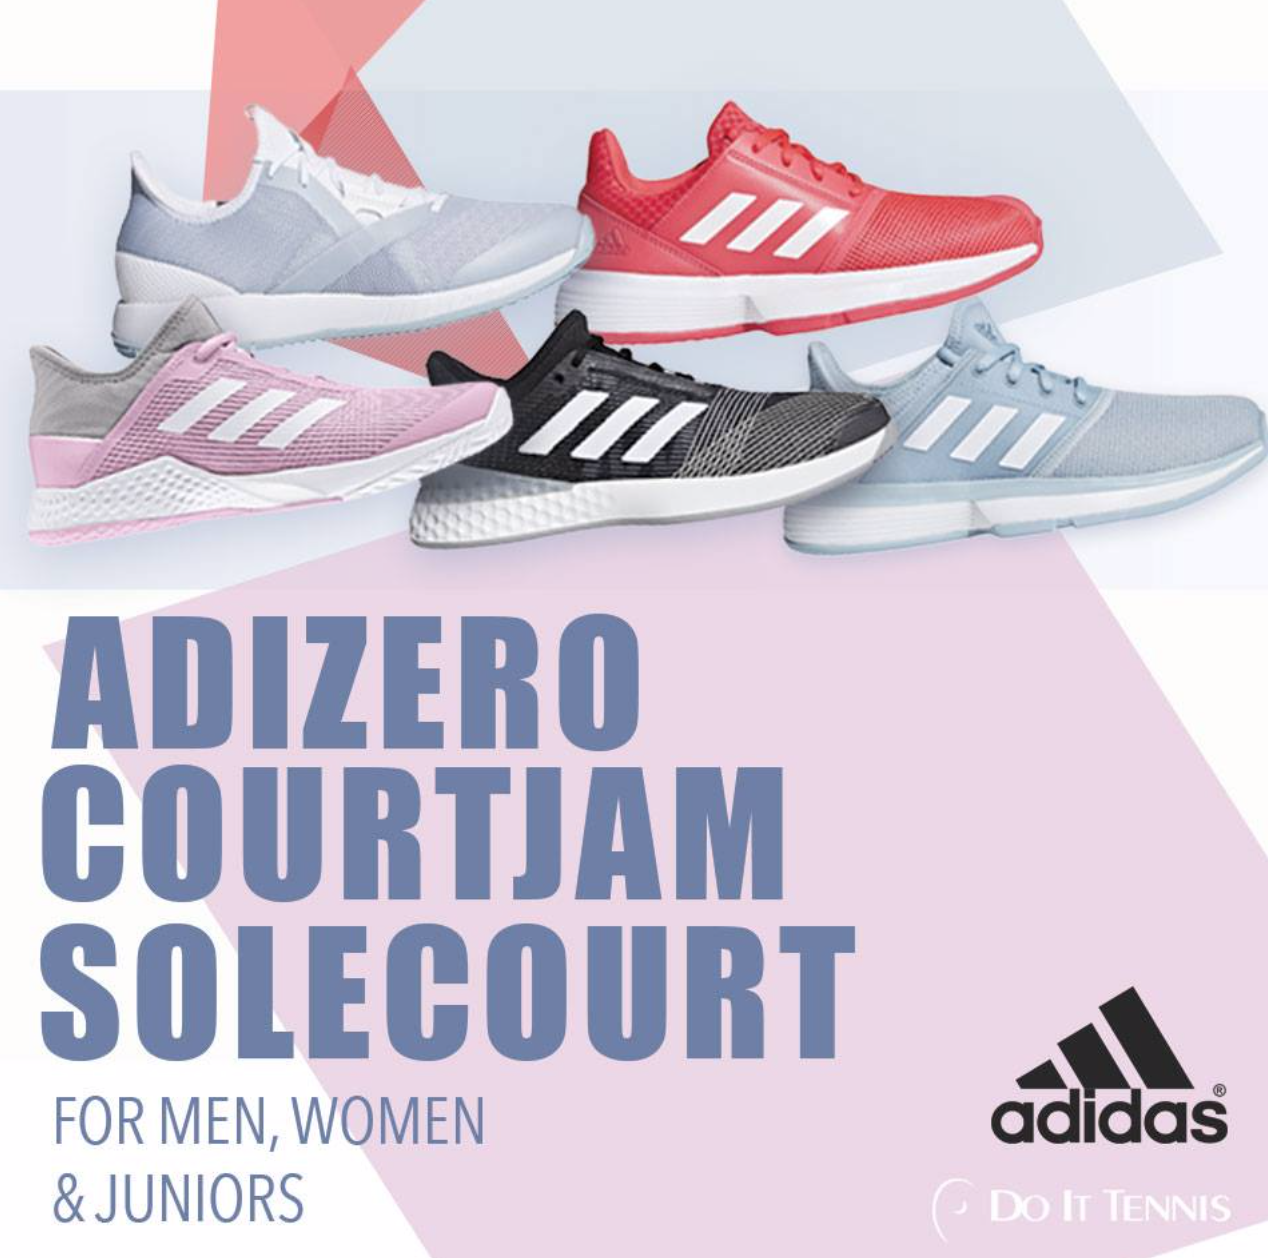 adidastennisshoes=